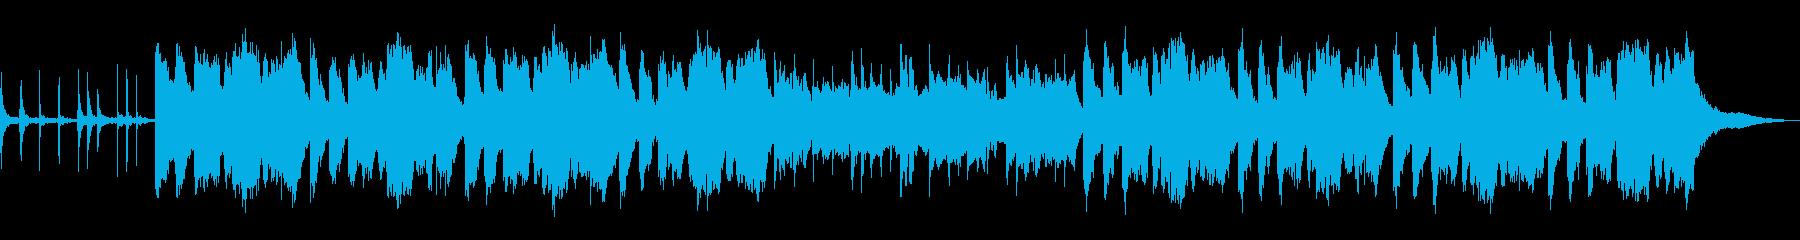 大名行列を連想させる和風行進曲の再生済みの波形